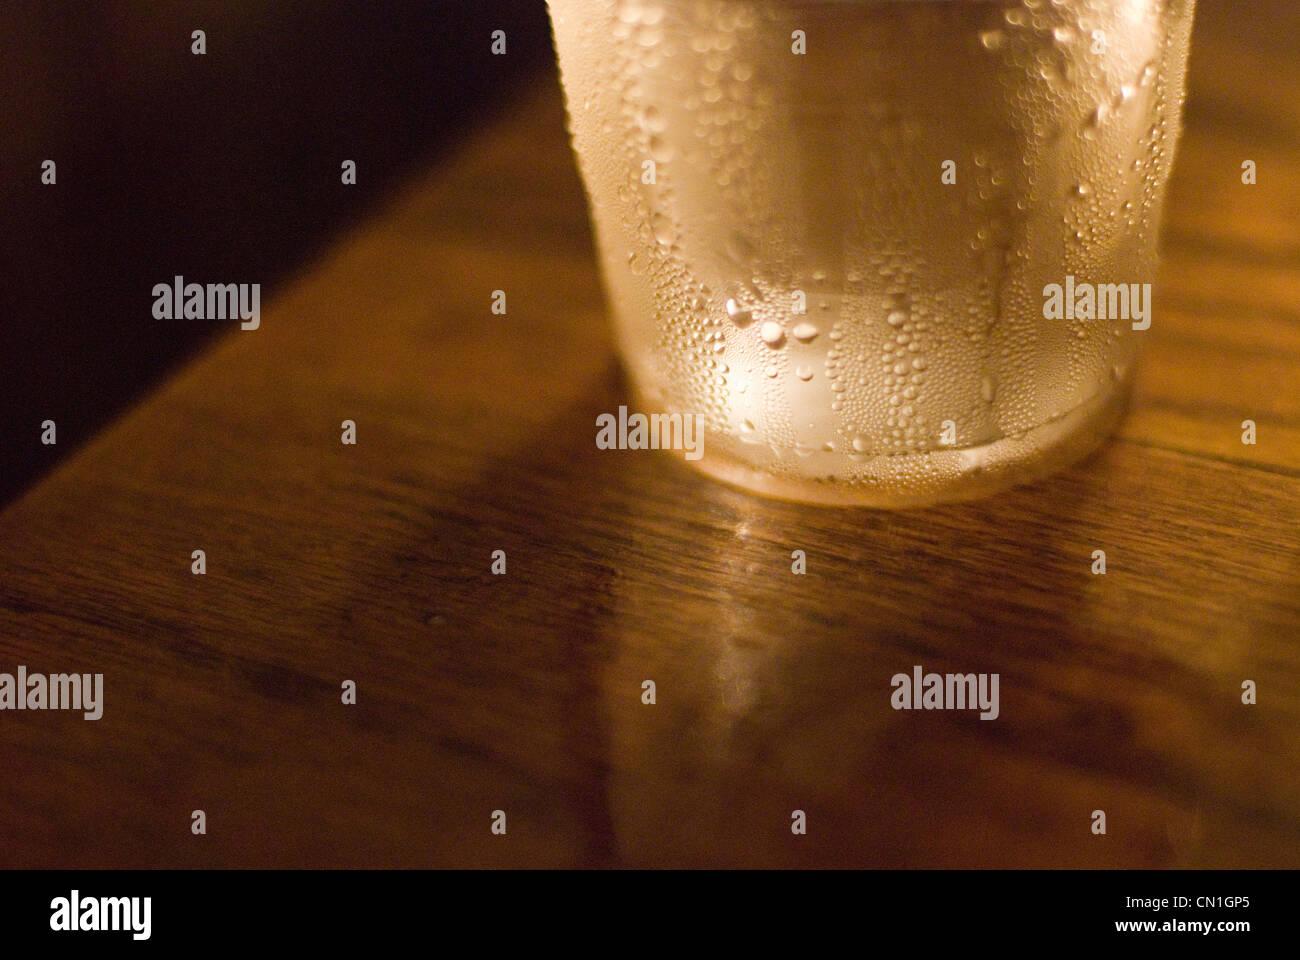 La condensation sur le verre d'eau Photo Stock